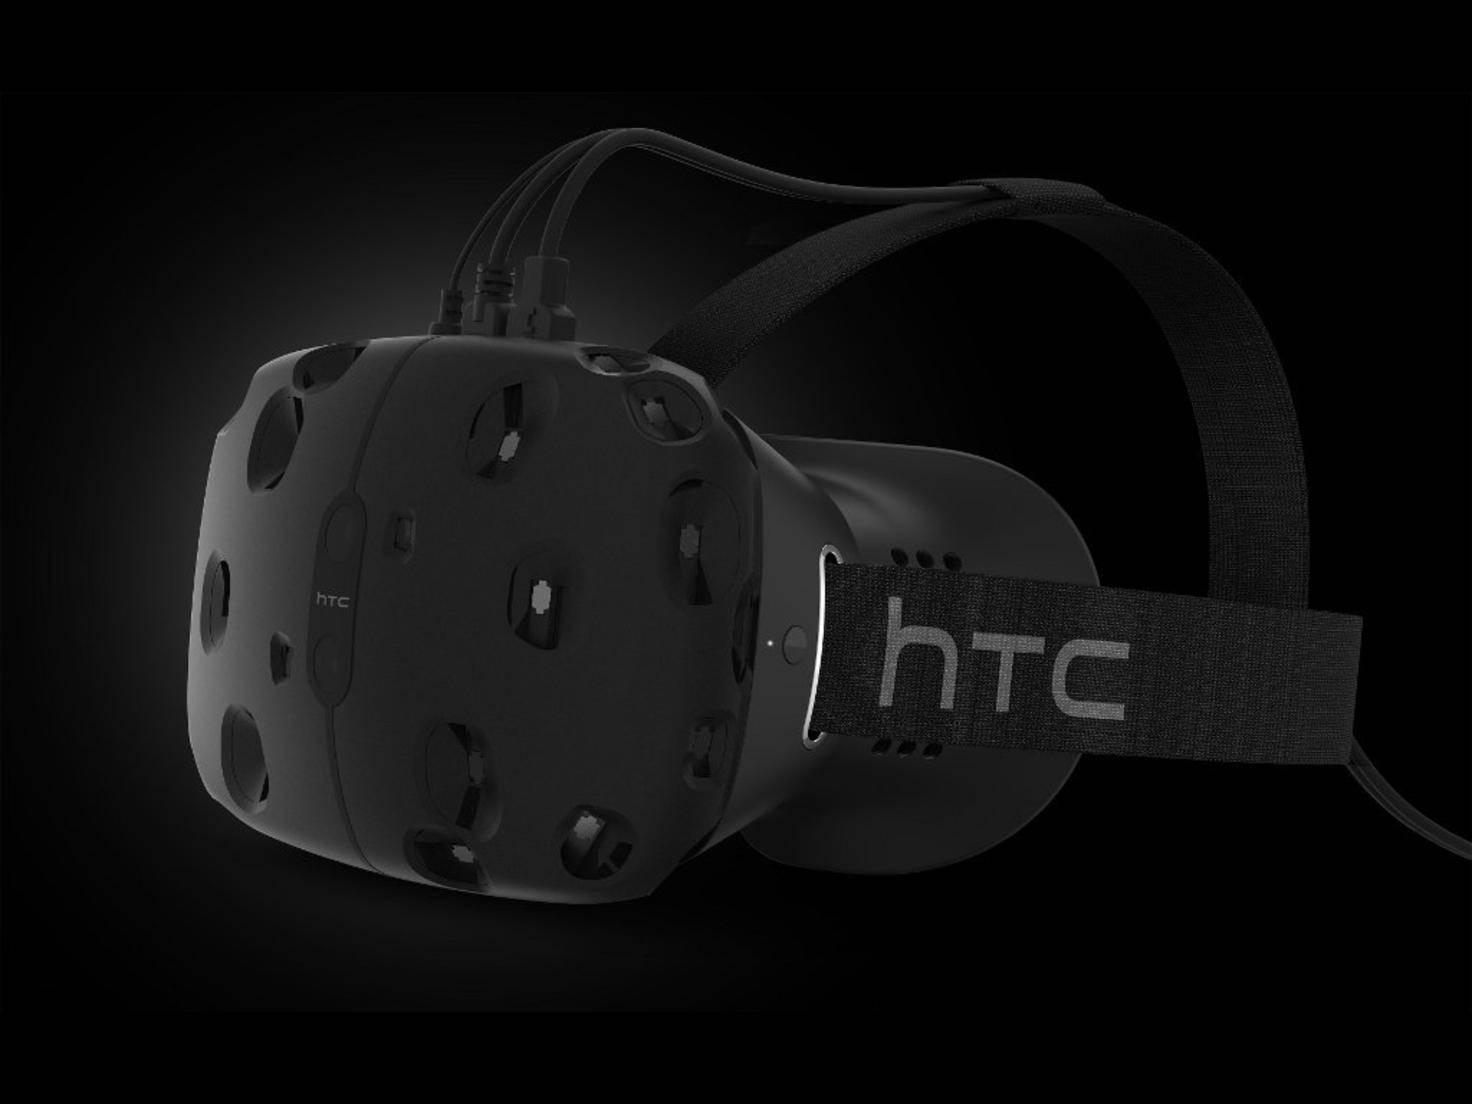 HTC Vive wurde erstmals am 1. März der Öffentlichkeit präsentiert.